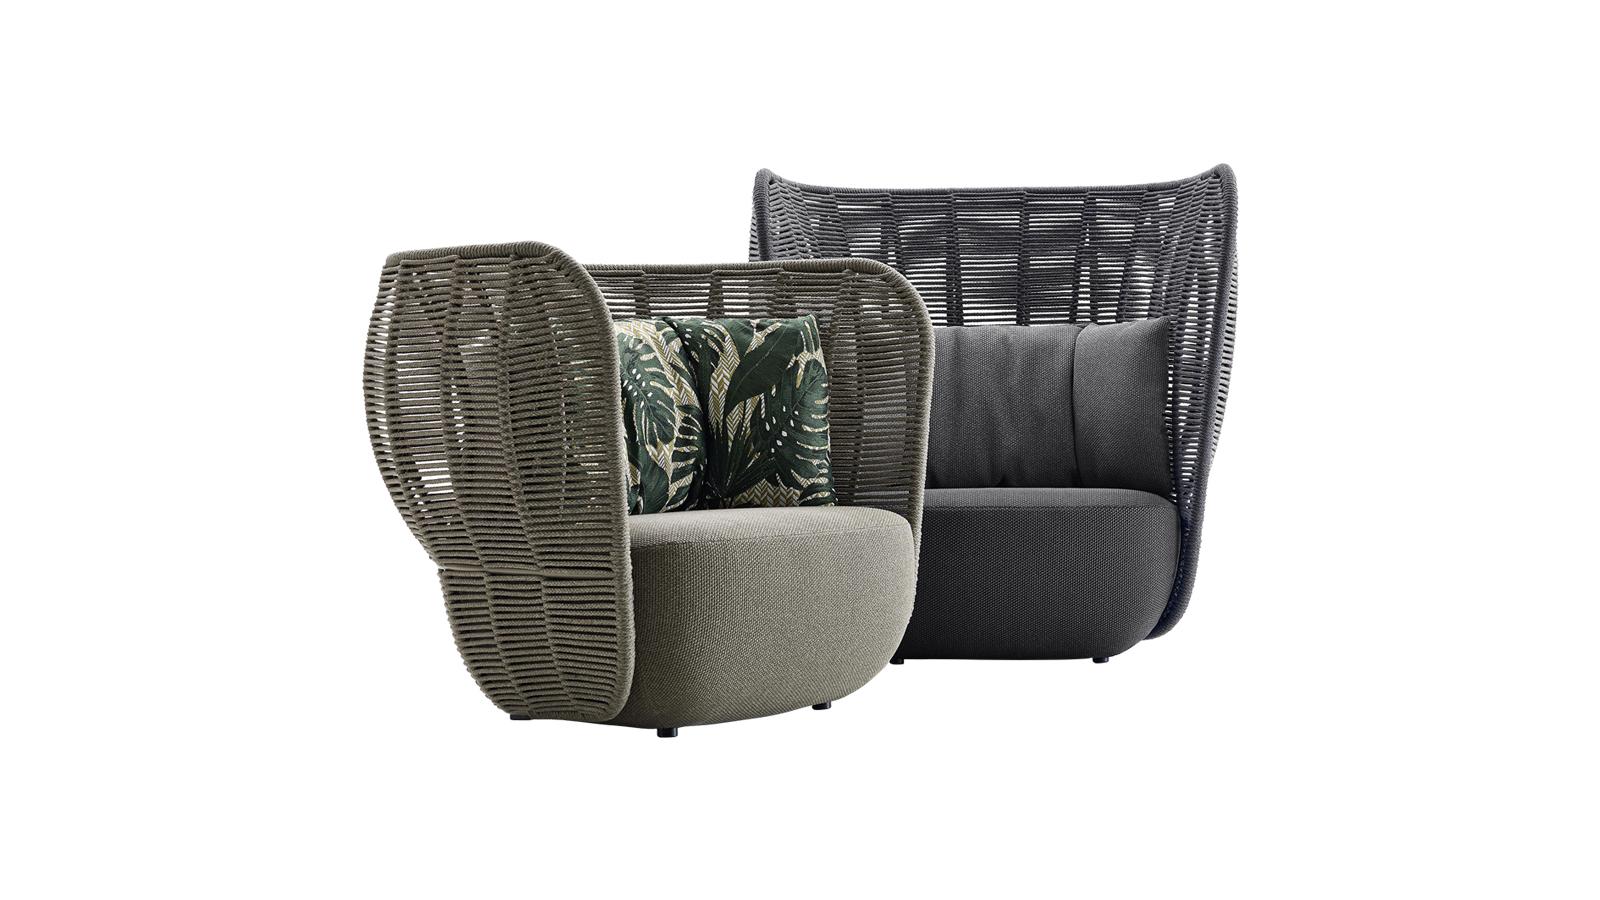 Szoborszerű, monolitikus szépség a B&B Italia népszerű Bay kollekciójának kanapéja. Gömbölyded ülőfelületét könnyed, fonott hát- és kartámlarendszer egészíti ki, mely egyszerre biztosít intimitást és szellőzést a benne ejtőzőknek.